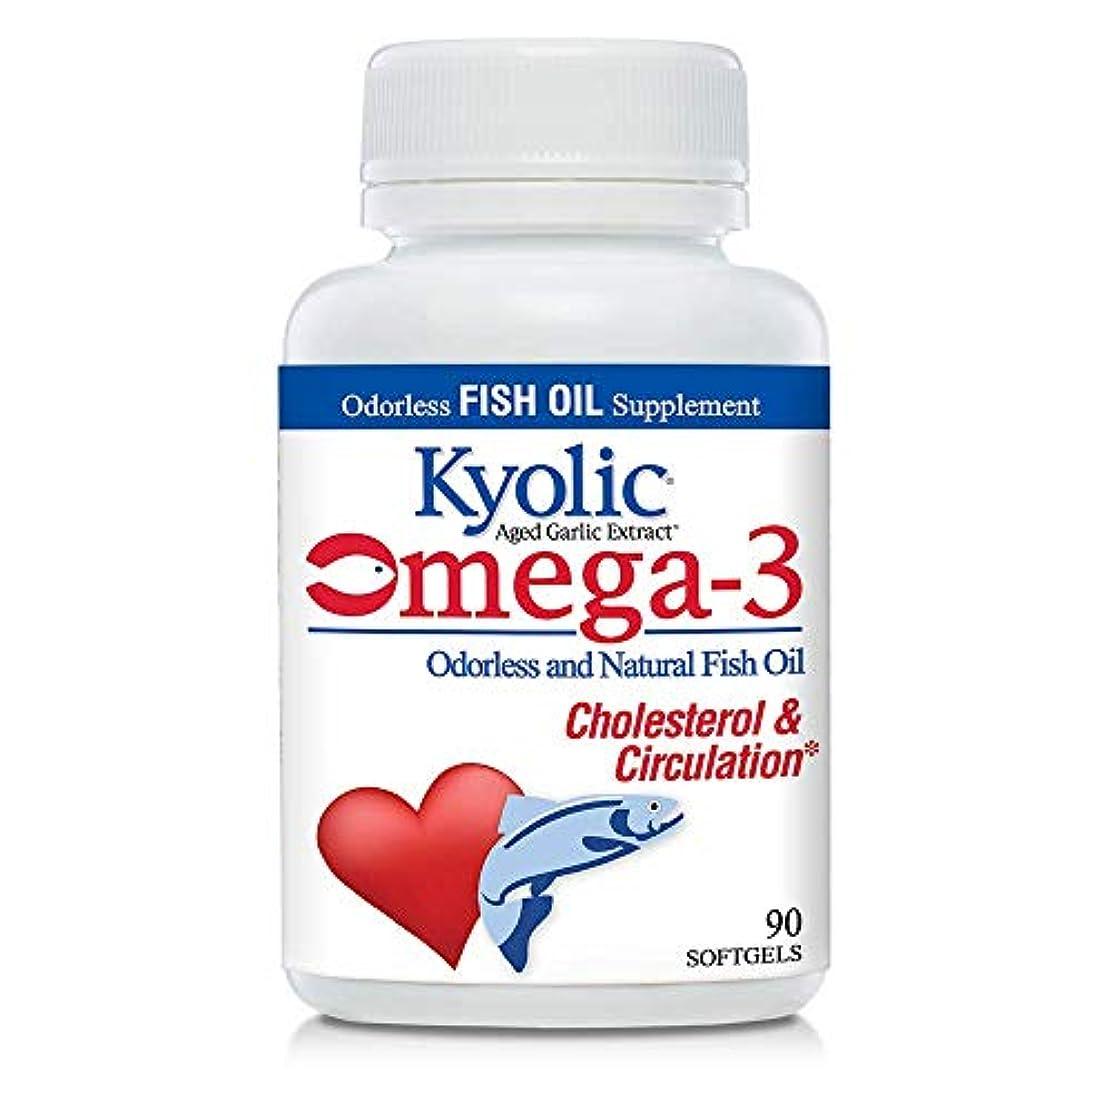 海峡ひも冗長泥沼Wakunaga - Kyolic, EPA, Aged Garlic Extract, Cardiovascular, 90 Softgels